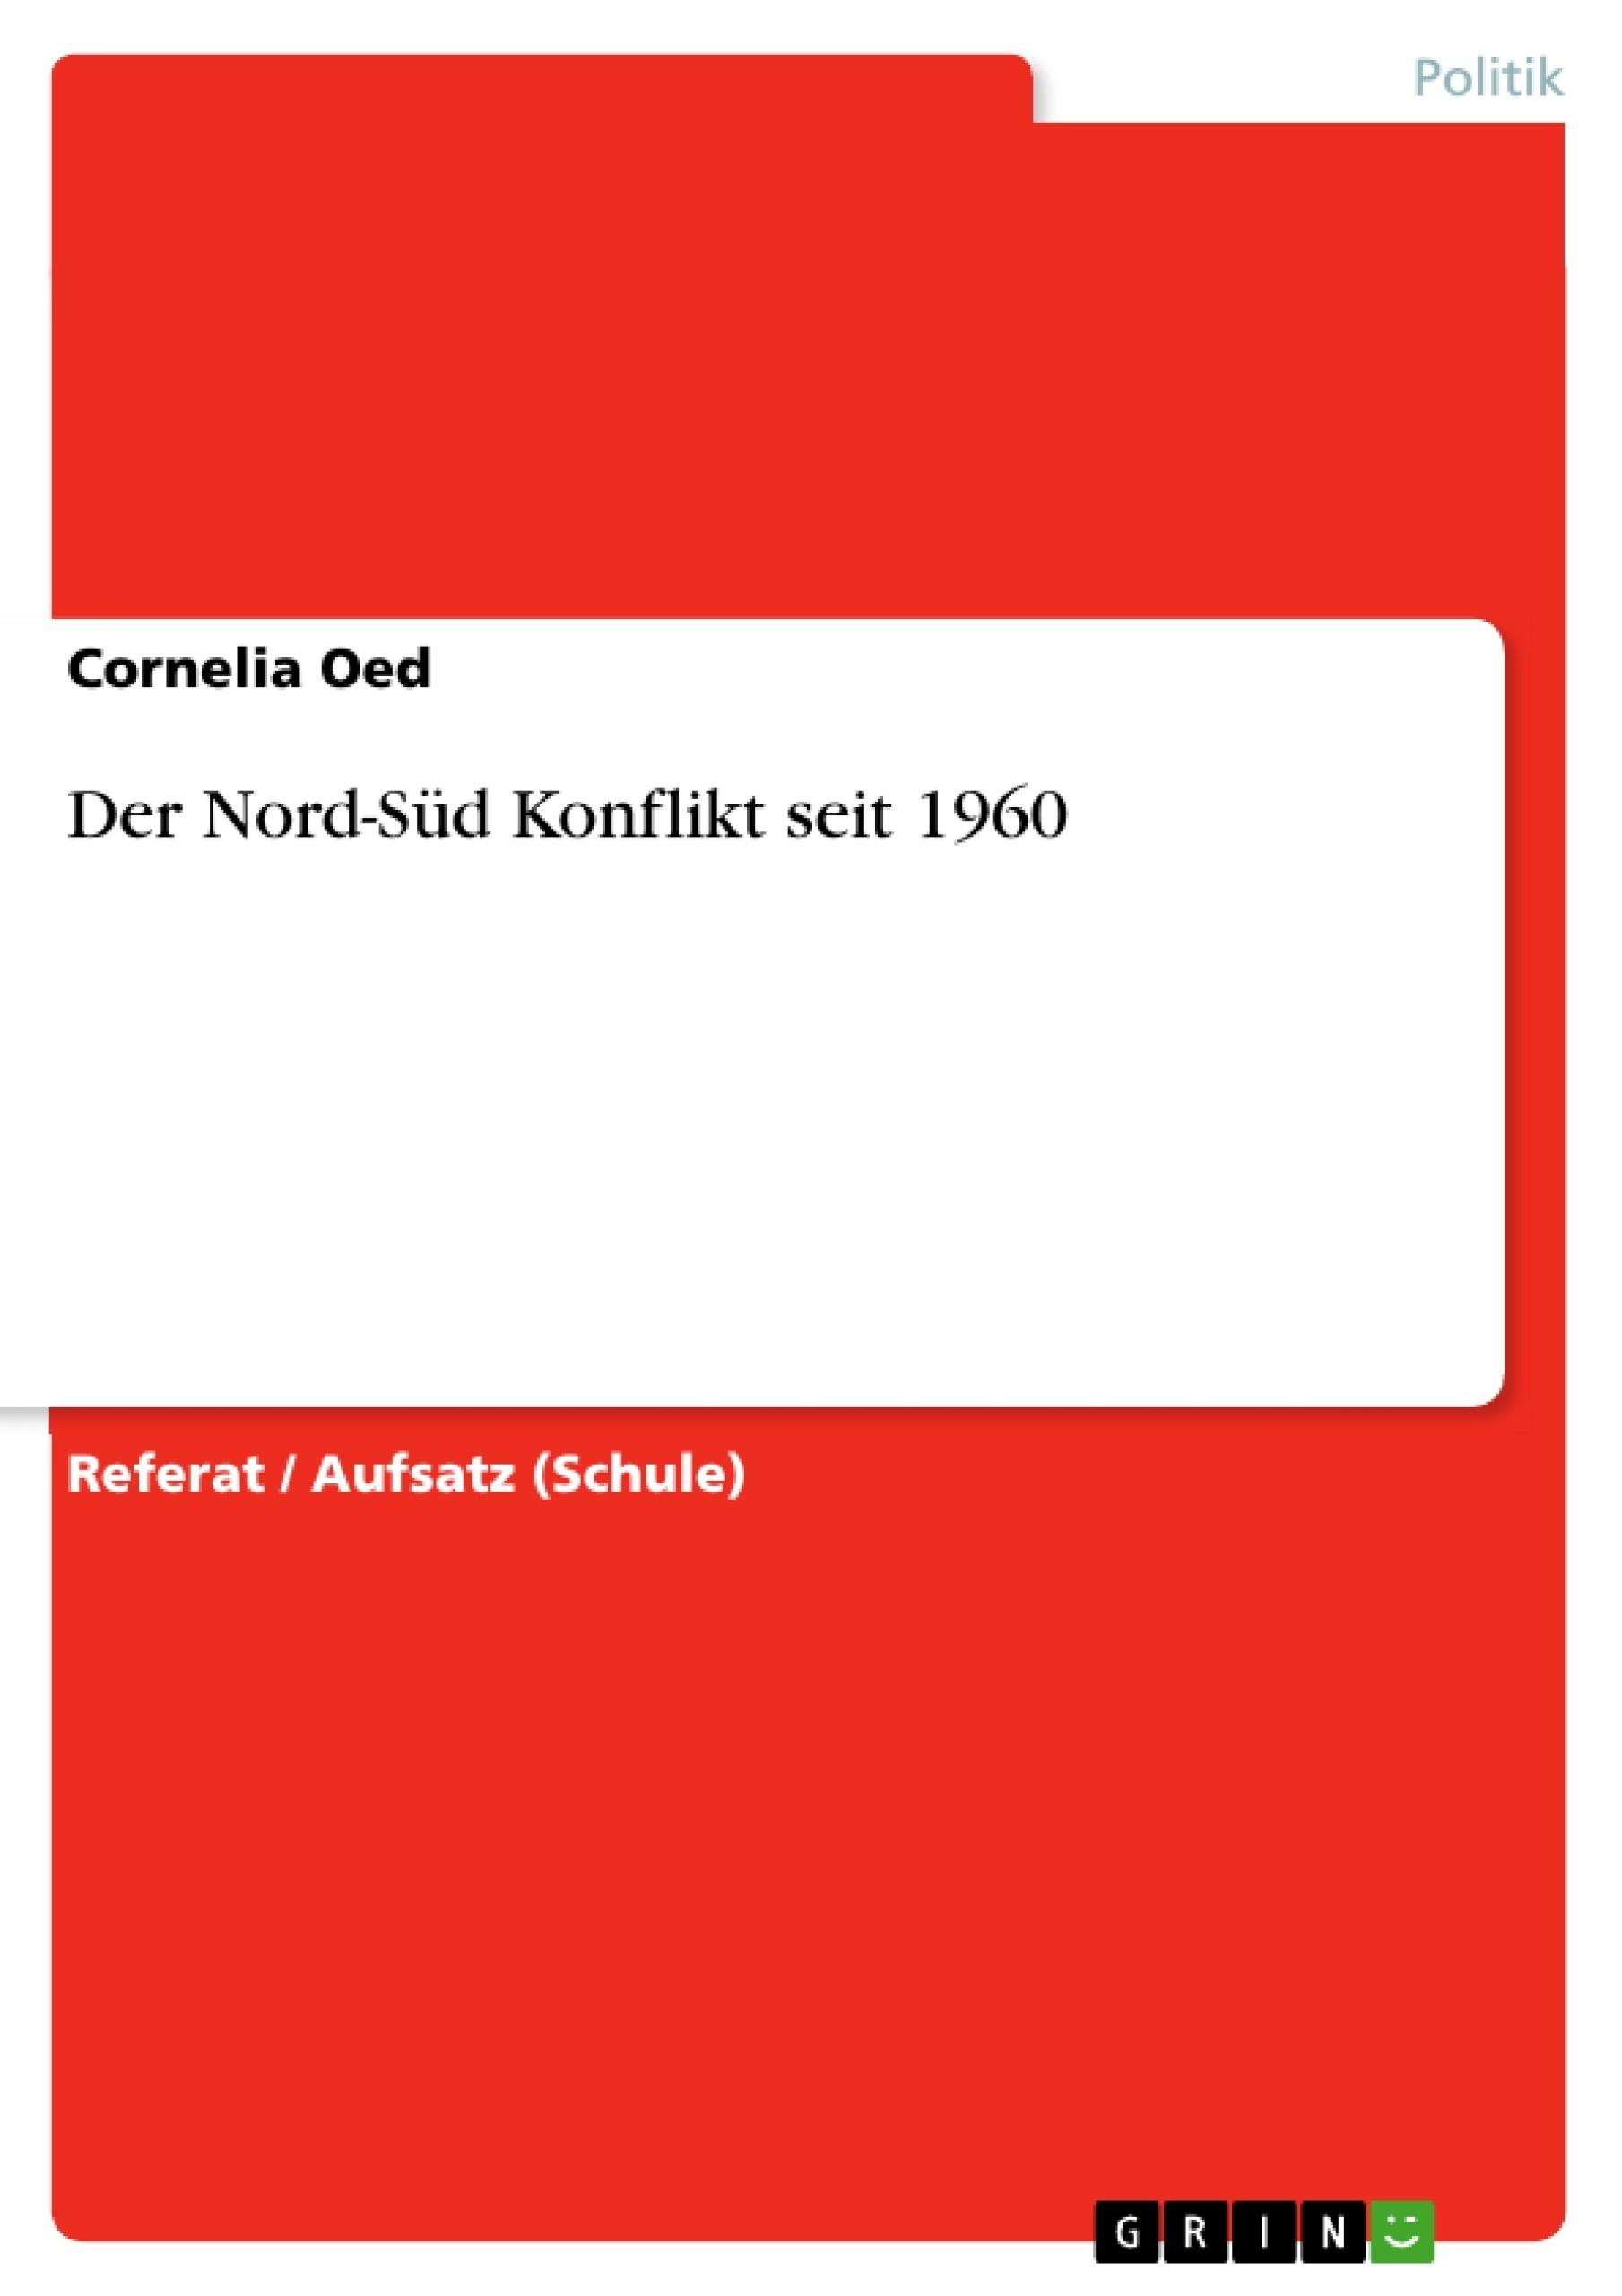 Titel: Der Nord-Süd Konflikt seit 1960